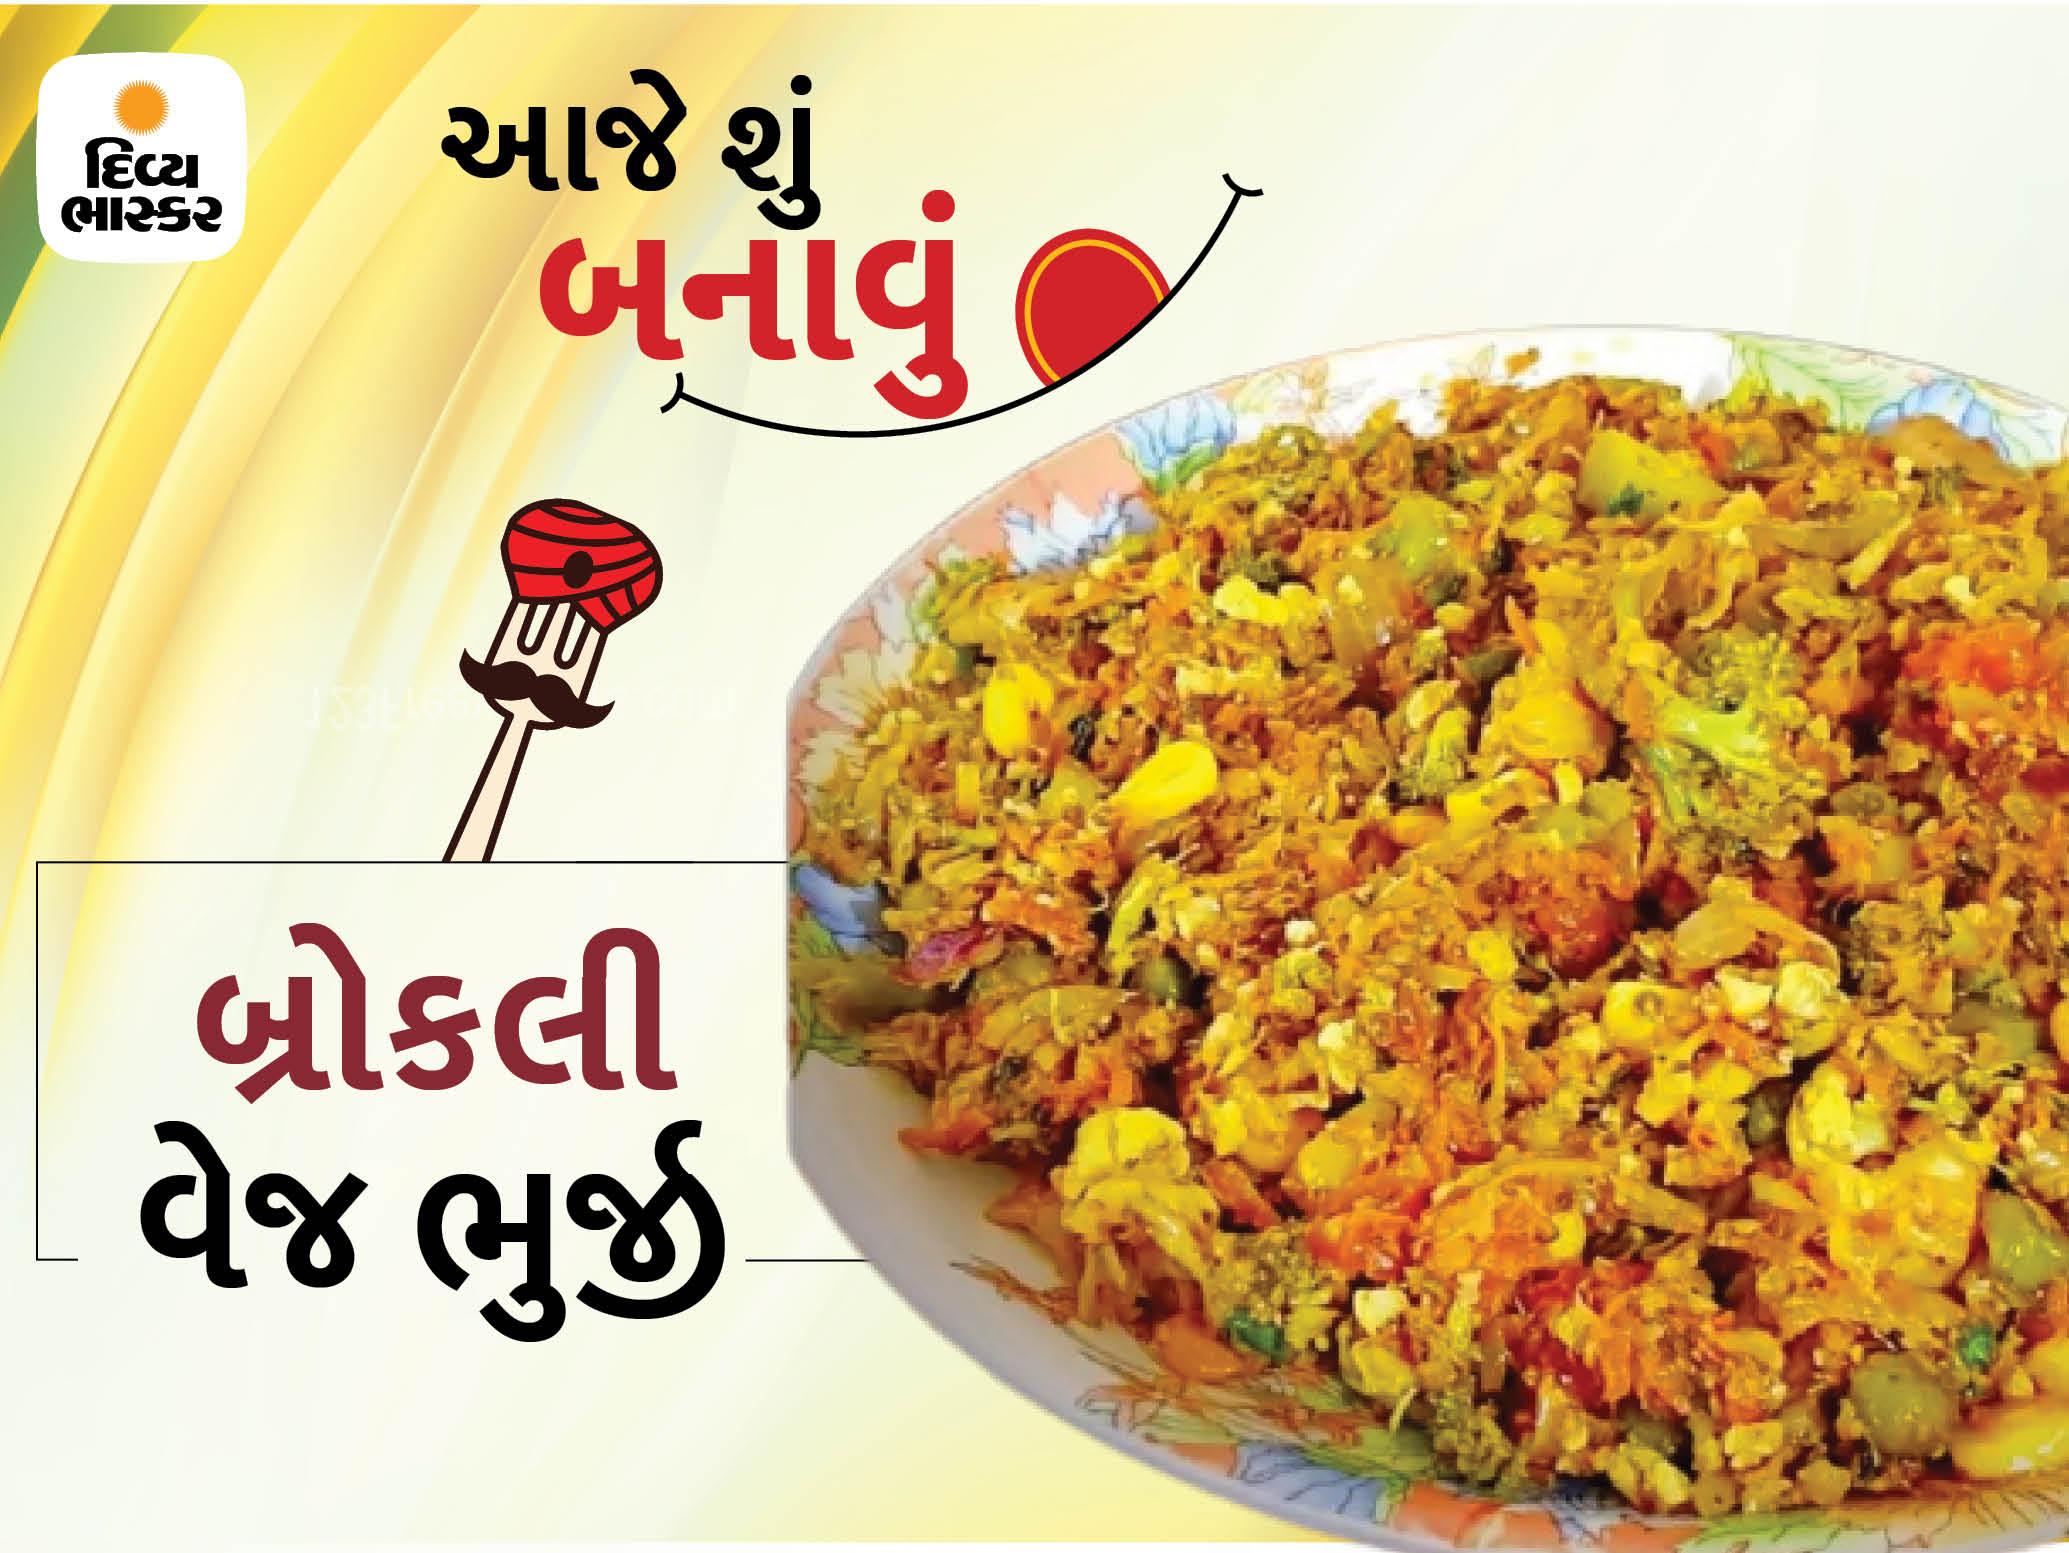 મસાલેદાર ખાવાના શોખીનોને પસંદ પડશે બ્રોકલી વેજ ભુર્જી, જાણો તેની રેસિપી|રેસીપી,Recipe - Divya Bhaskar